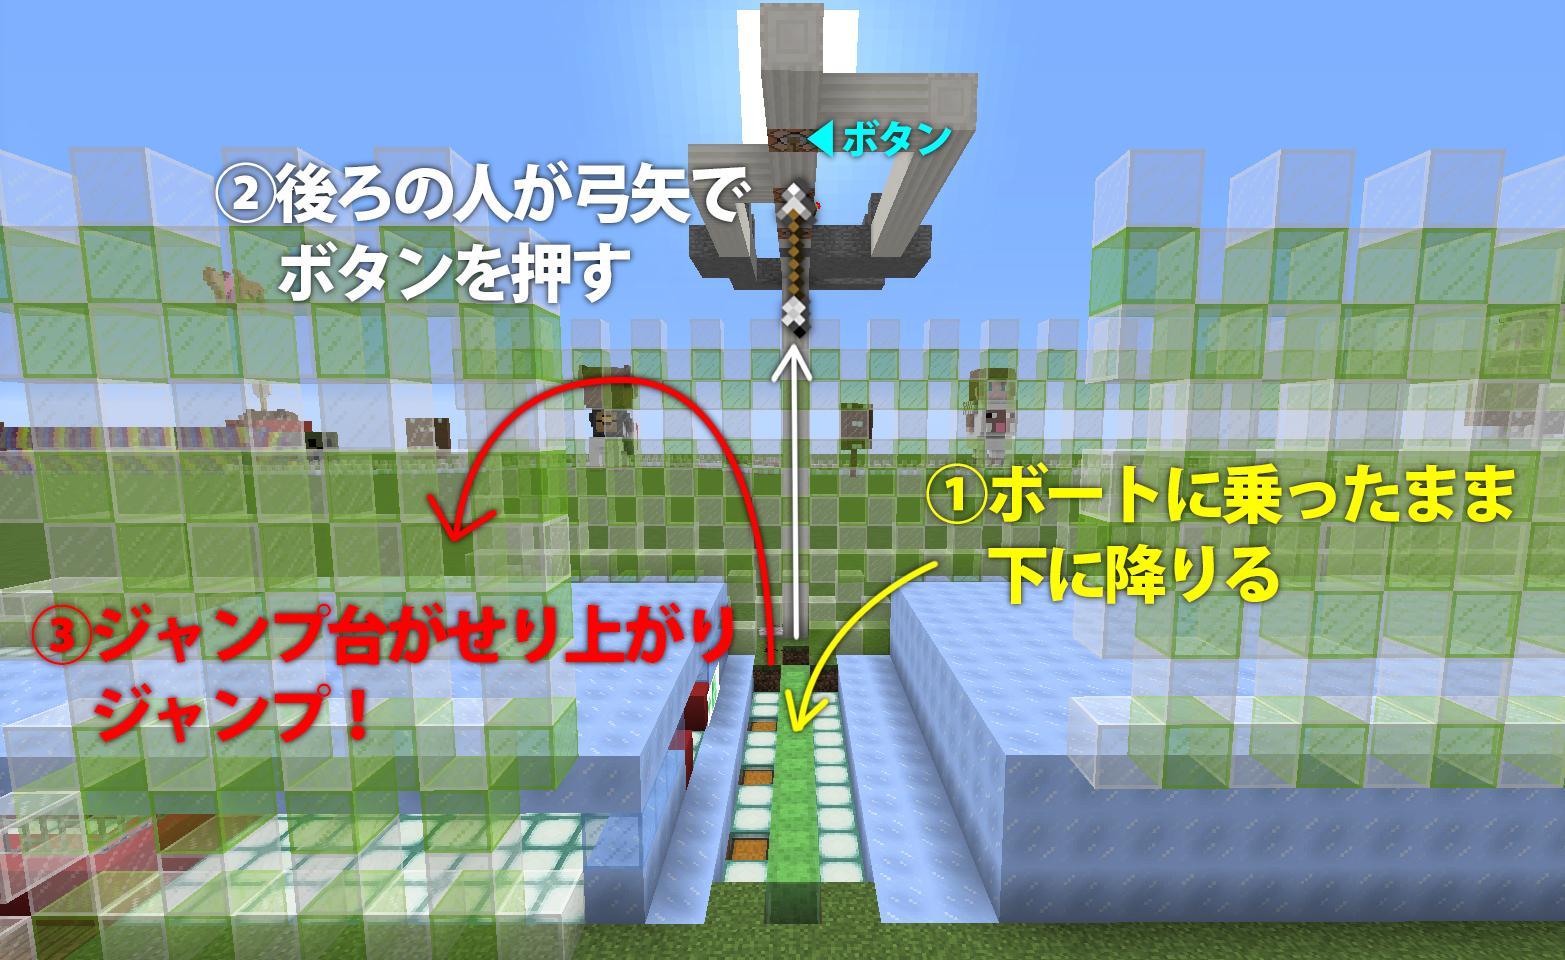 弓矢でジャンプ.jpg